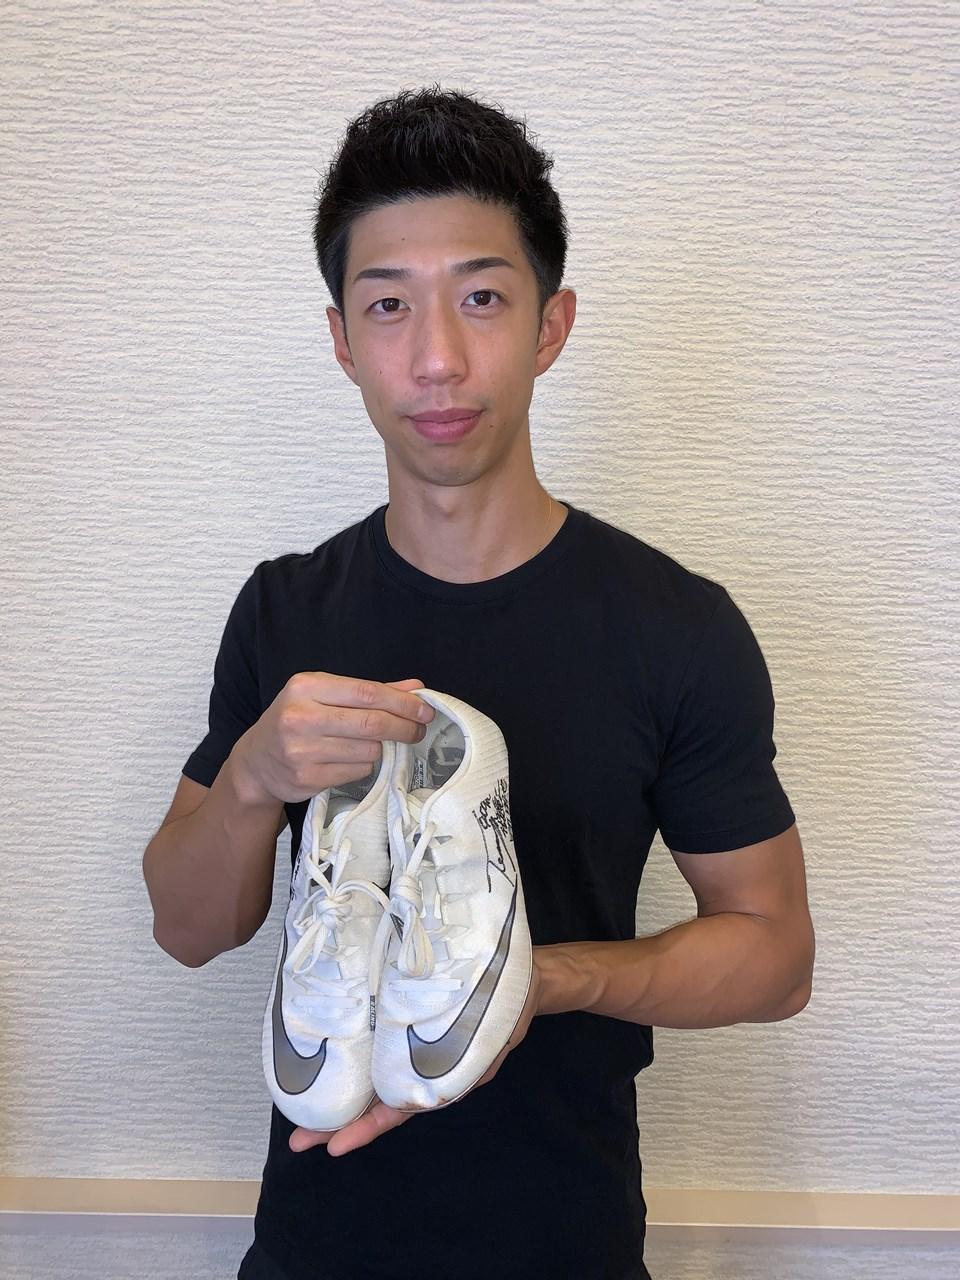 【日本陸連公式】田村 朋也 選手